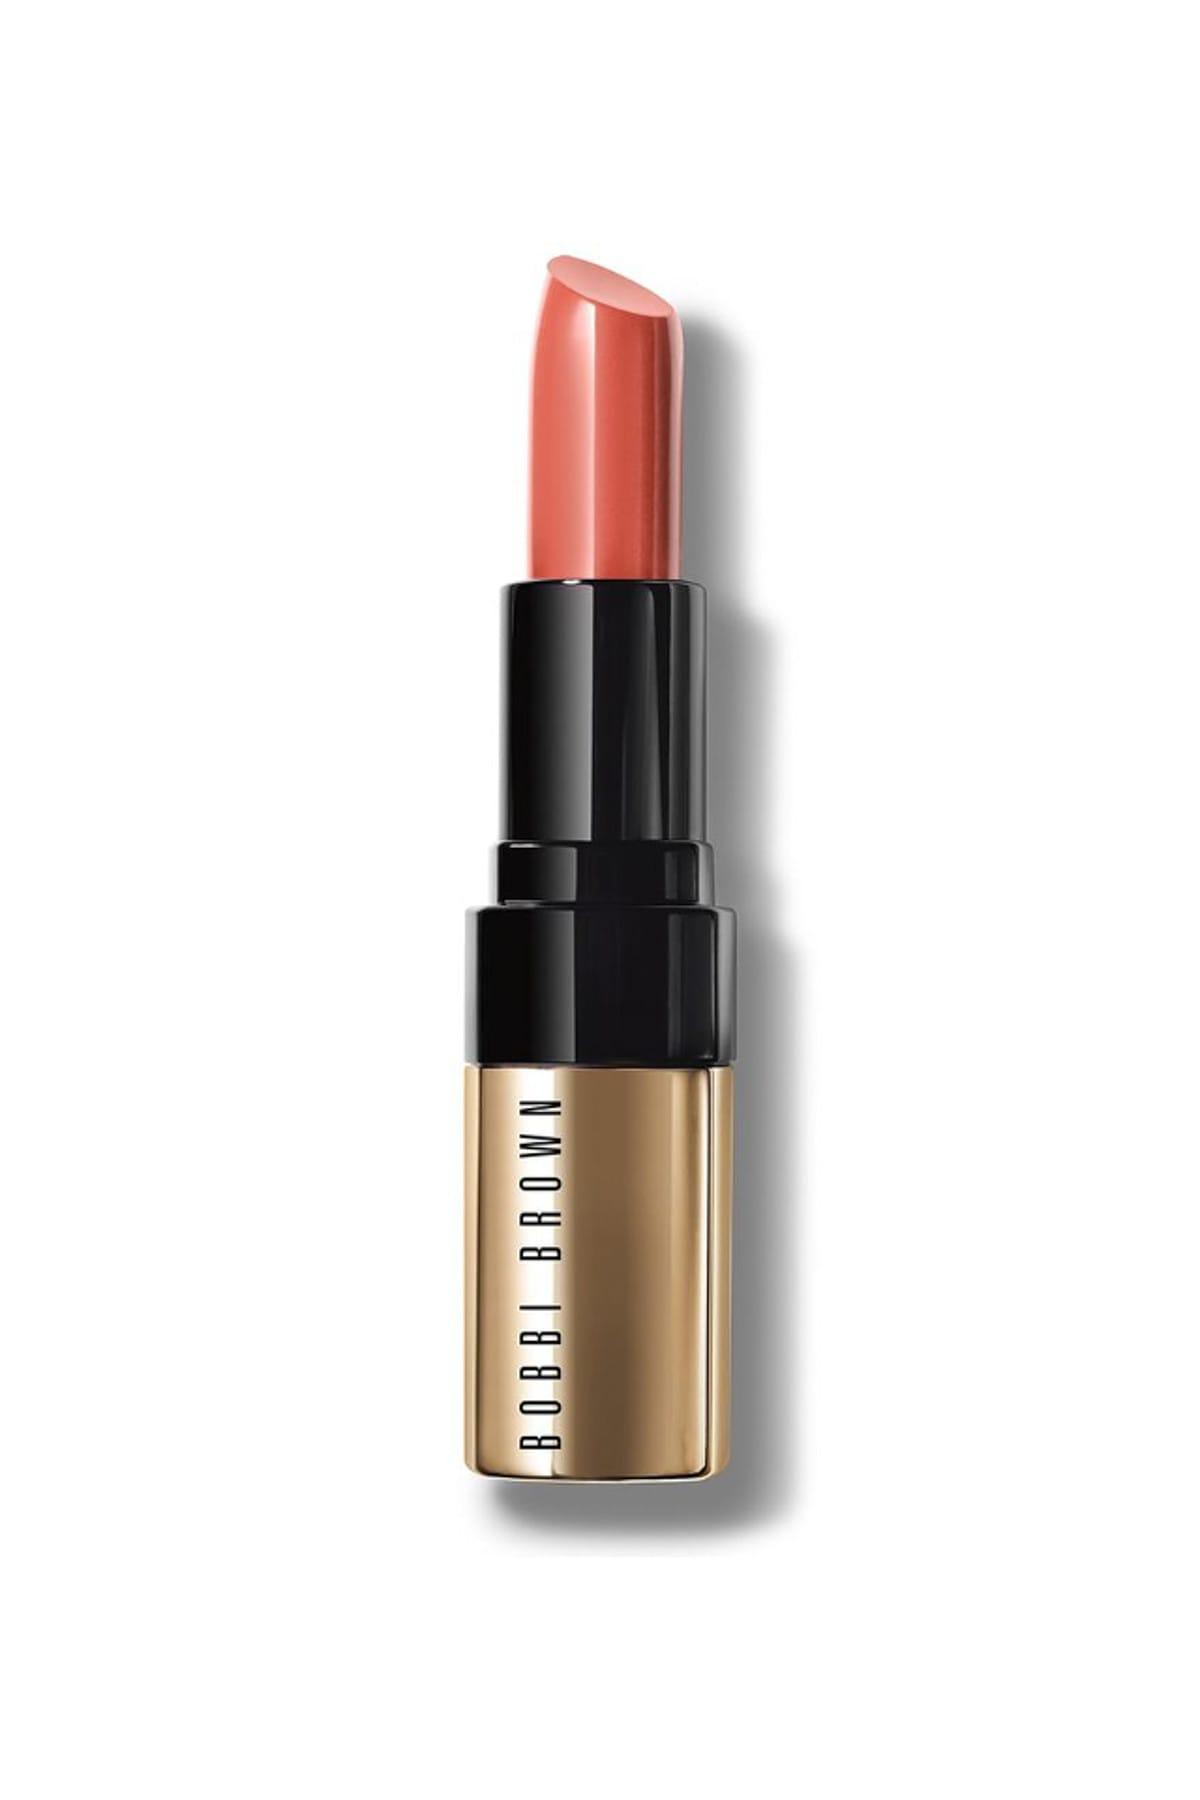 BOBBI BROWN Ruj - Luxe Lip Color Soft Coral 3.8 g 716170192567 1